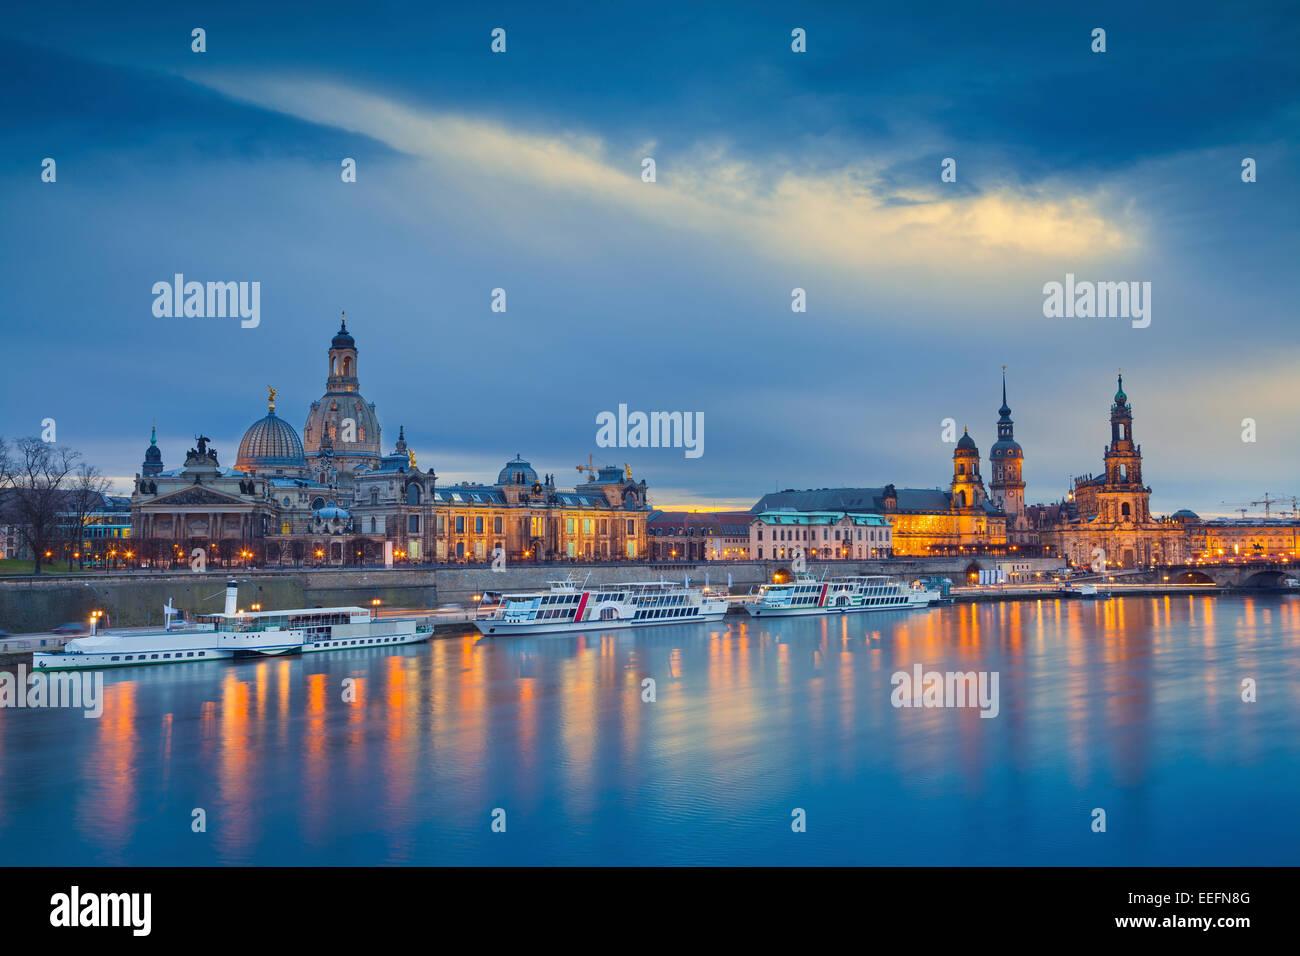 Dresde. Image de Dresde, Allemagne pendant le crépuscule heure bleue avec Elbe au premier plan. Photo Stock